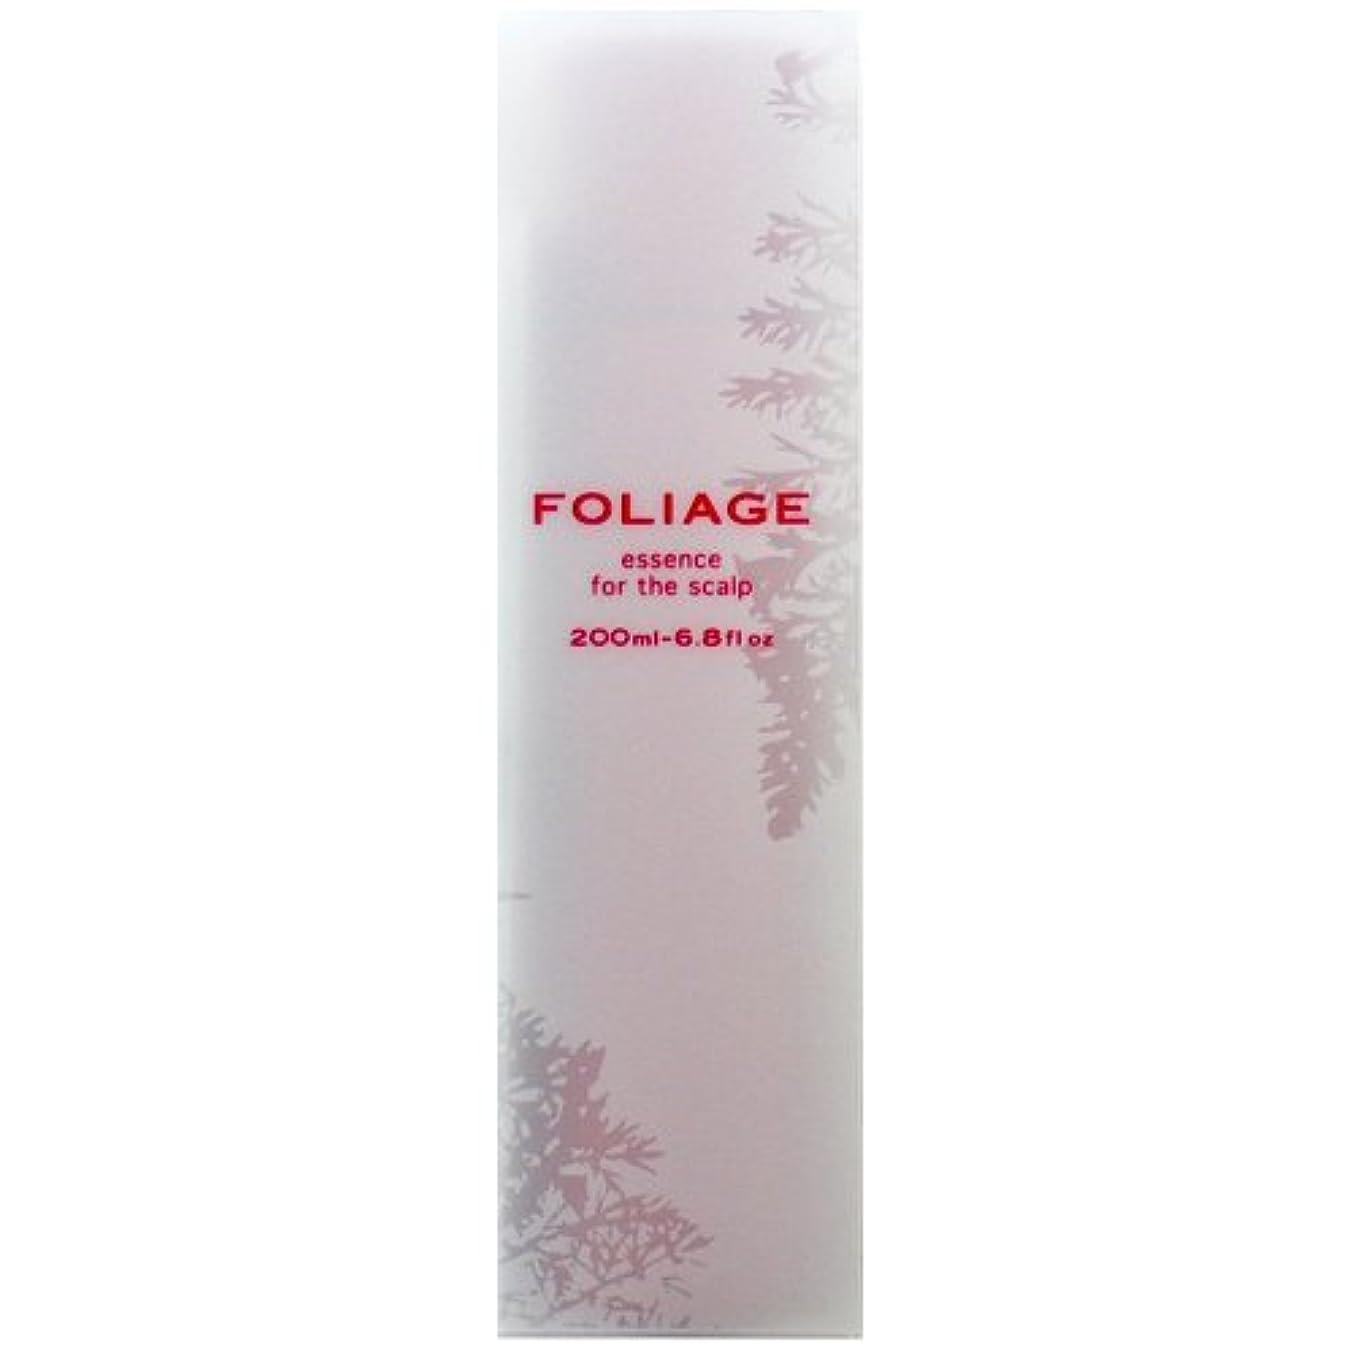 キャンセルブランデー冷淡な中野製薬 フォリッジ スキャルプエッセンス 200ml